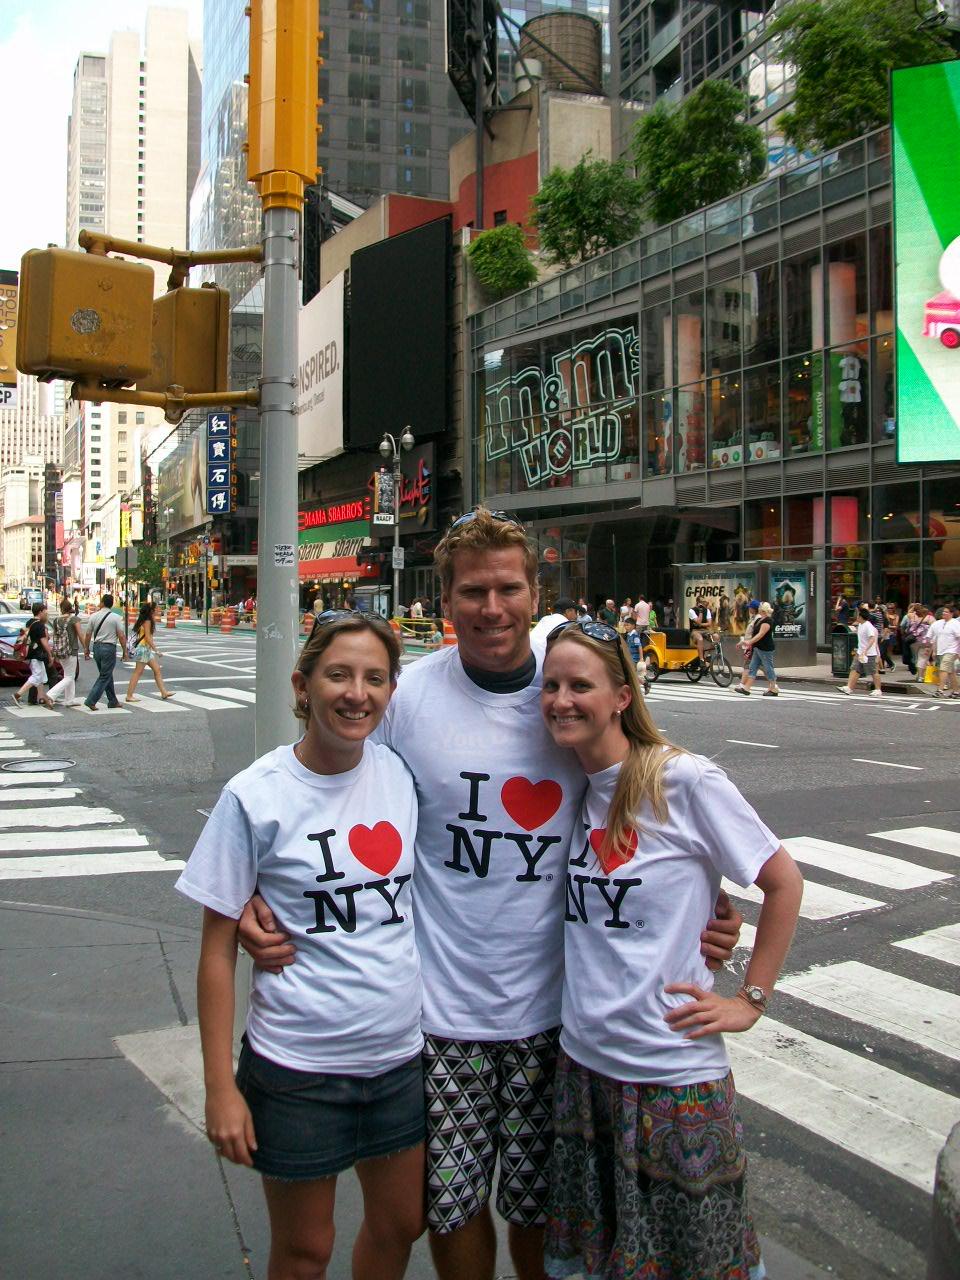 I hear you Lance - but I still heart NY ;)